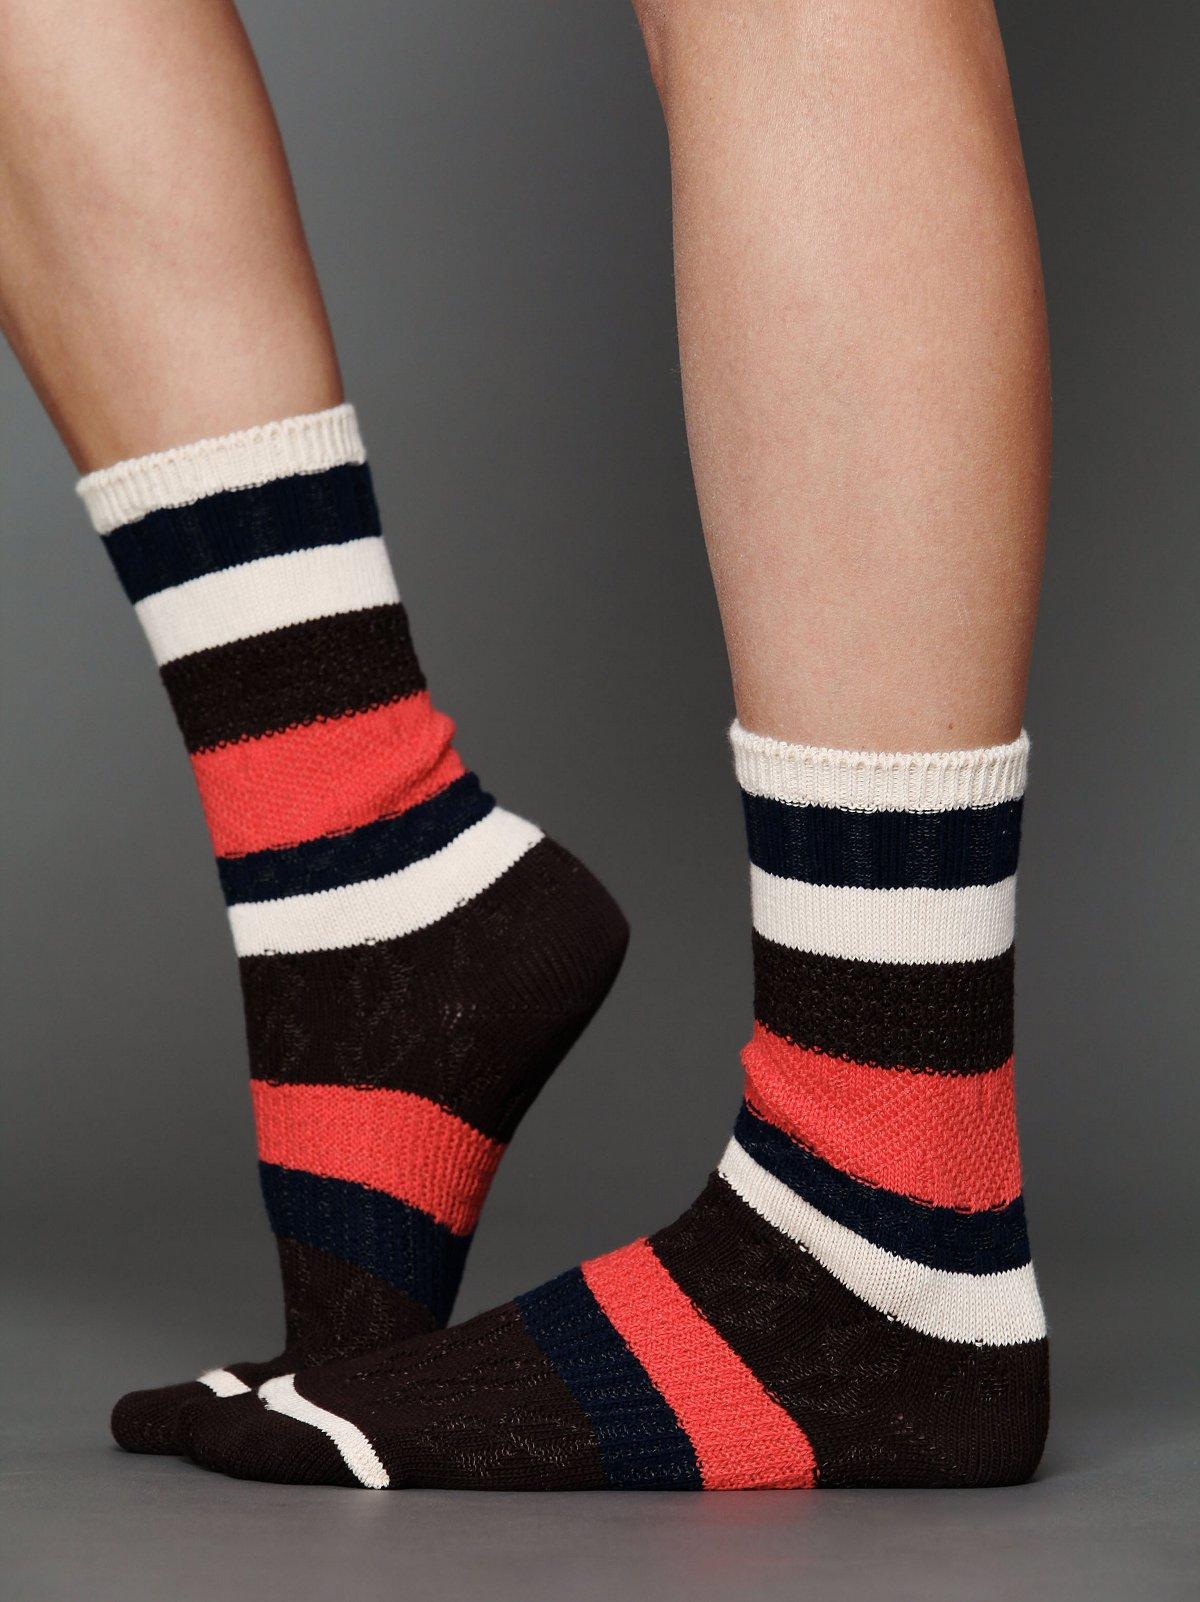 Gramps Boot Sock